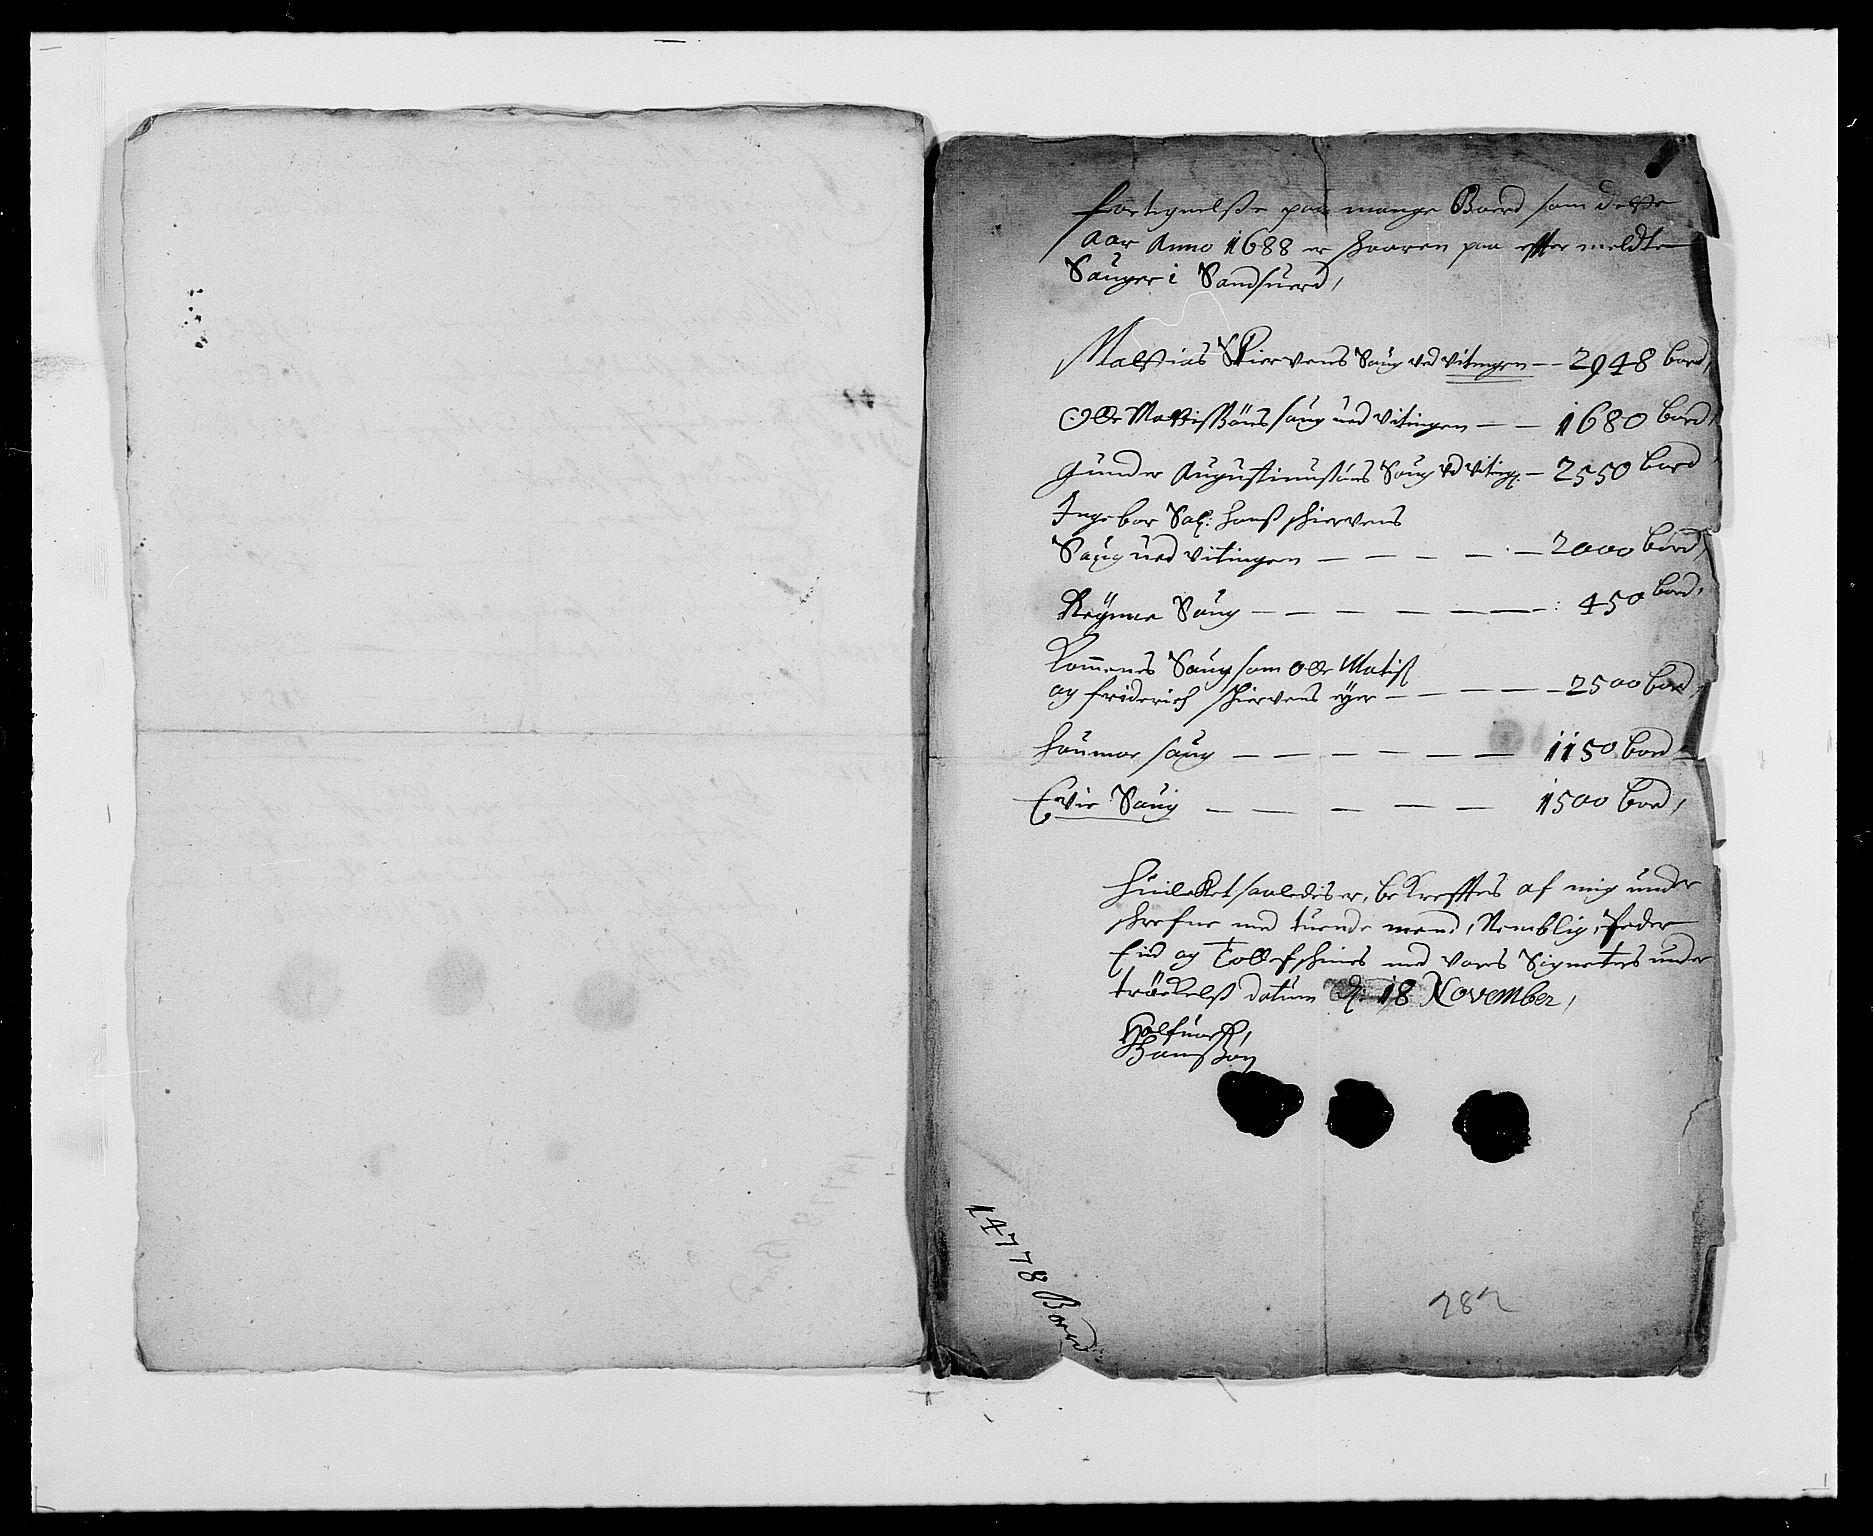 RA, Rentekammeret inntil 1814, Reviderte regnskaper, Fogderegnskap, R24/L1573: Fogderegnskap Numedal og Sandsvær, 1687-1691, s. 318